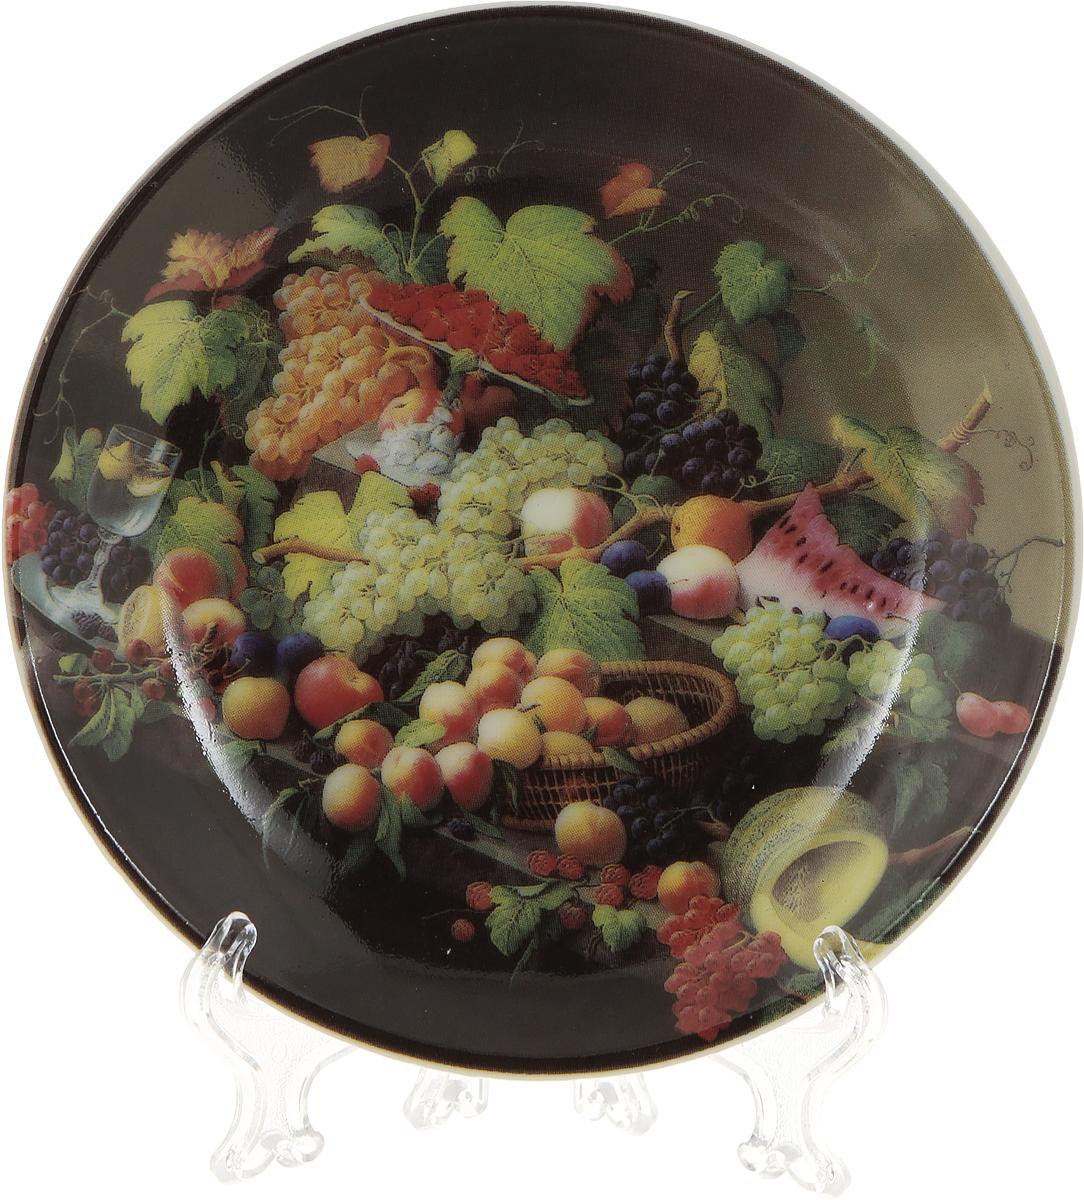 """Декоративная тарелка Elan Gallery """"Натюрморт с фруктами"""", изготовленная из фарфора, станет необыкновенным подарком и прекрасным украшением вашего интерьера.  Тарелка оснащена петелькой для подвешивания, а также ее можно разместить на пластиковой подставке, которая входит в комплект."""